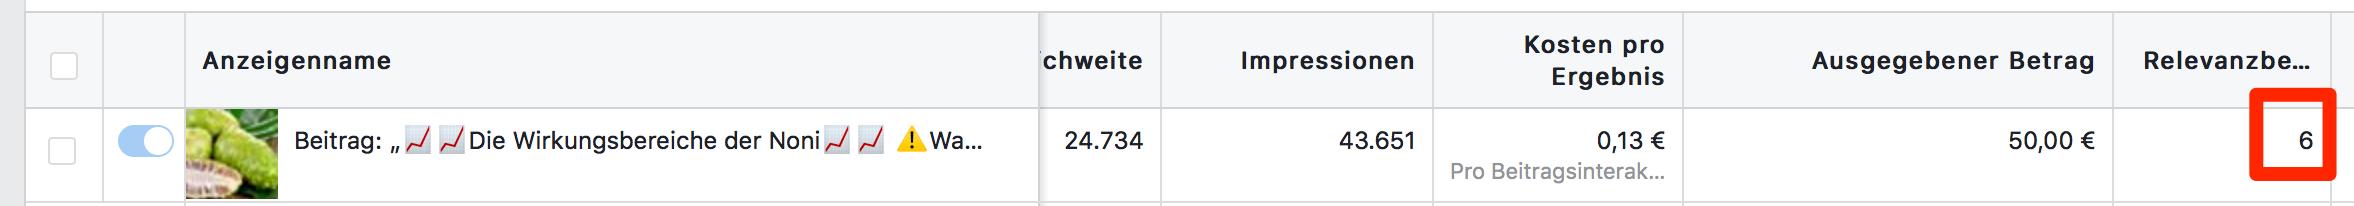 WERBUNG AUF FACEBOOK - MEINE ERFOLGREICHSTE KAMPAGNE!